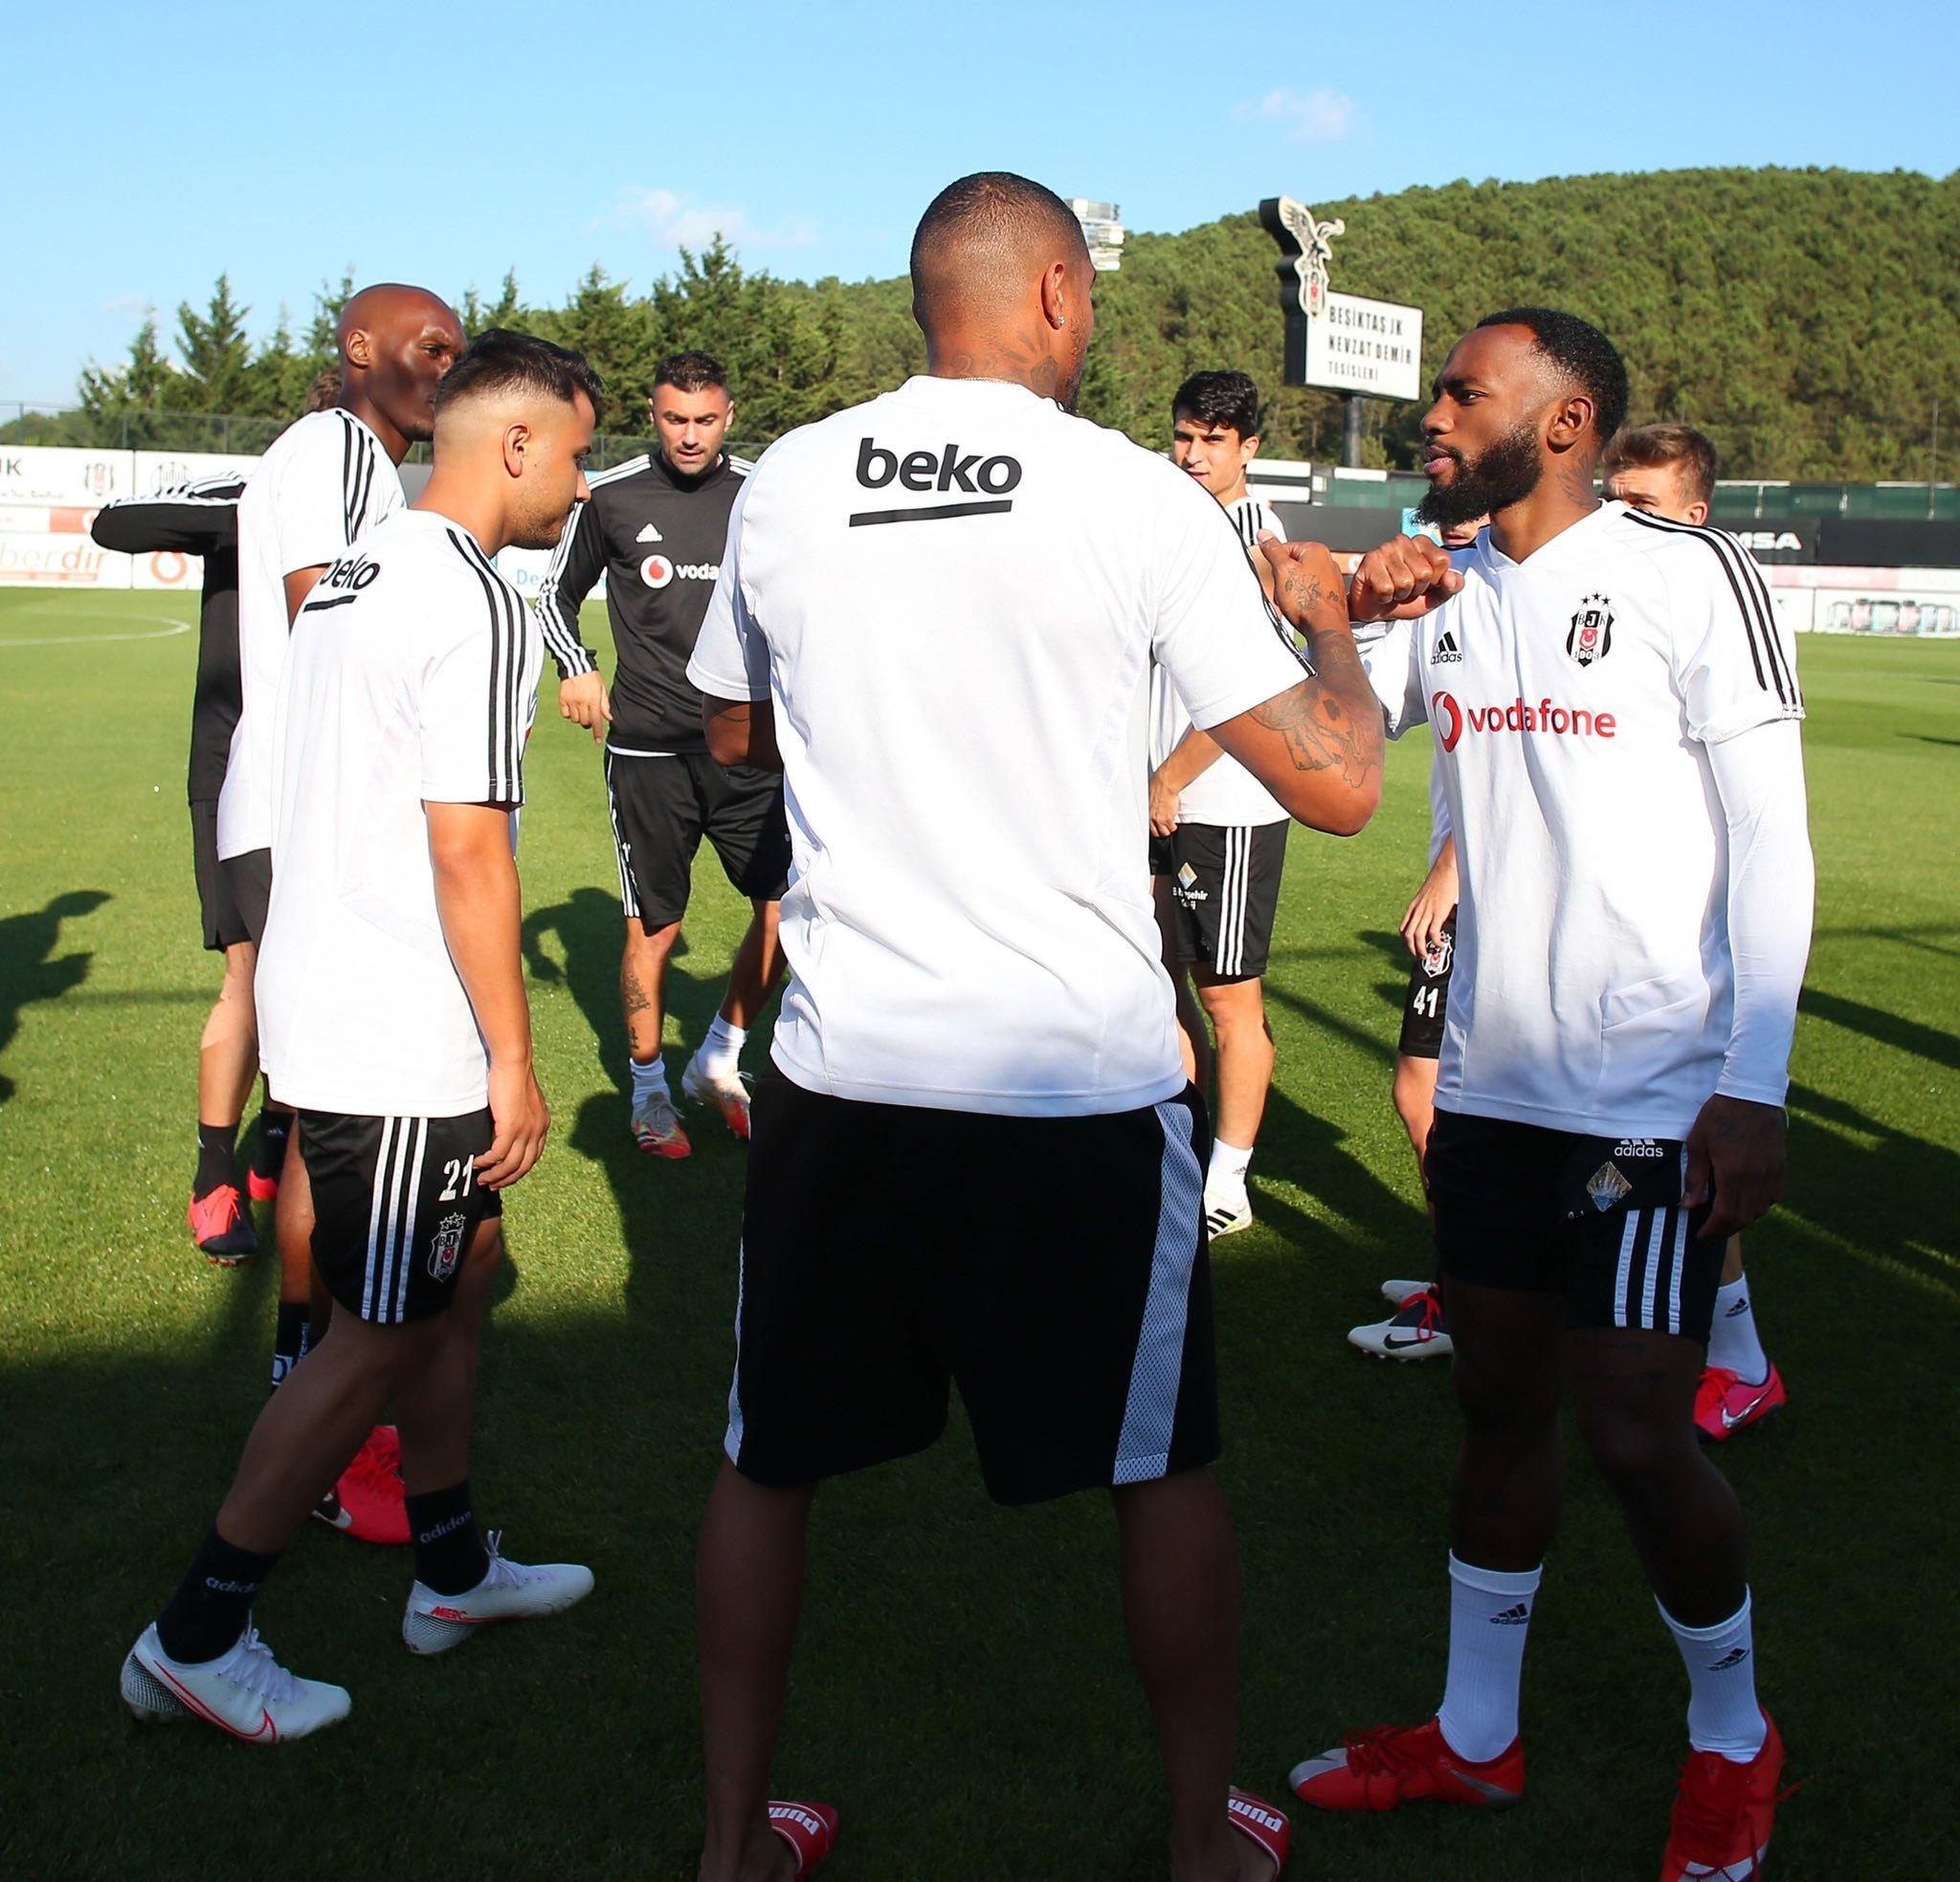 besiktasta kevin prince boateng besiktasa veda etti 1595523965000 - Son dakika: Beşiktaş'ta Kevin-Prince Boateng takımdan ayrıldı